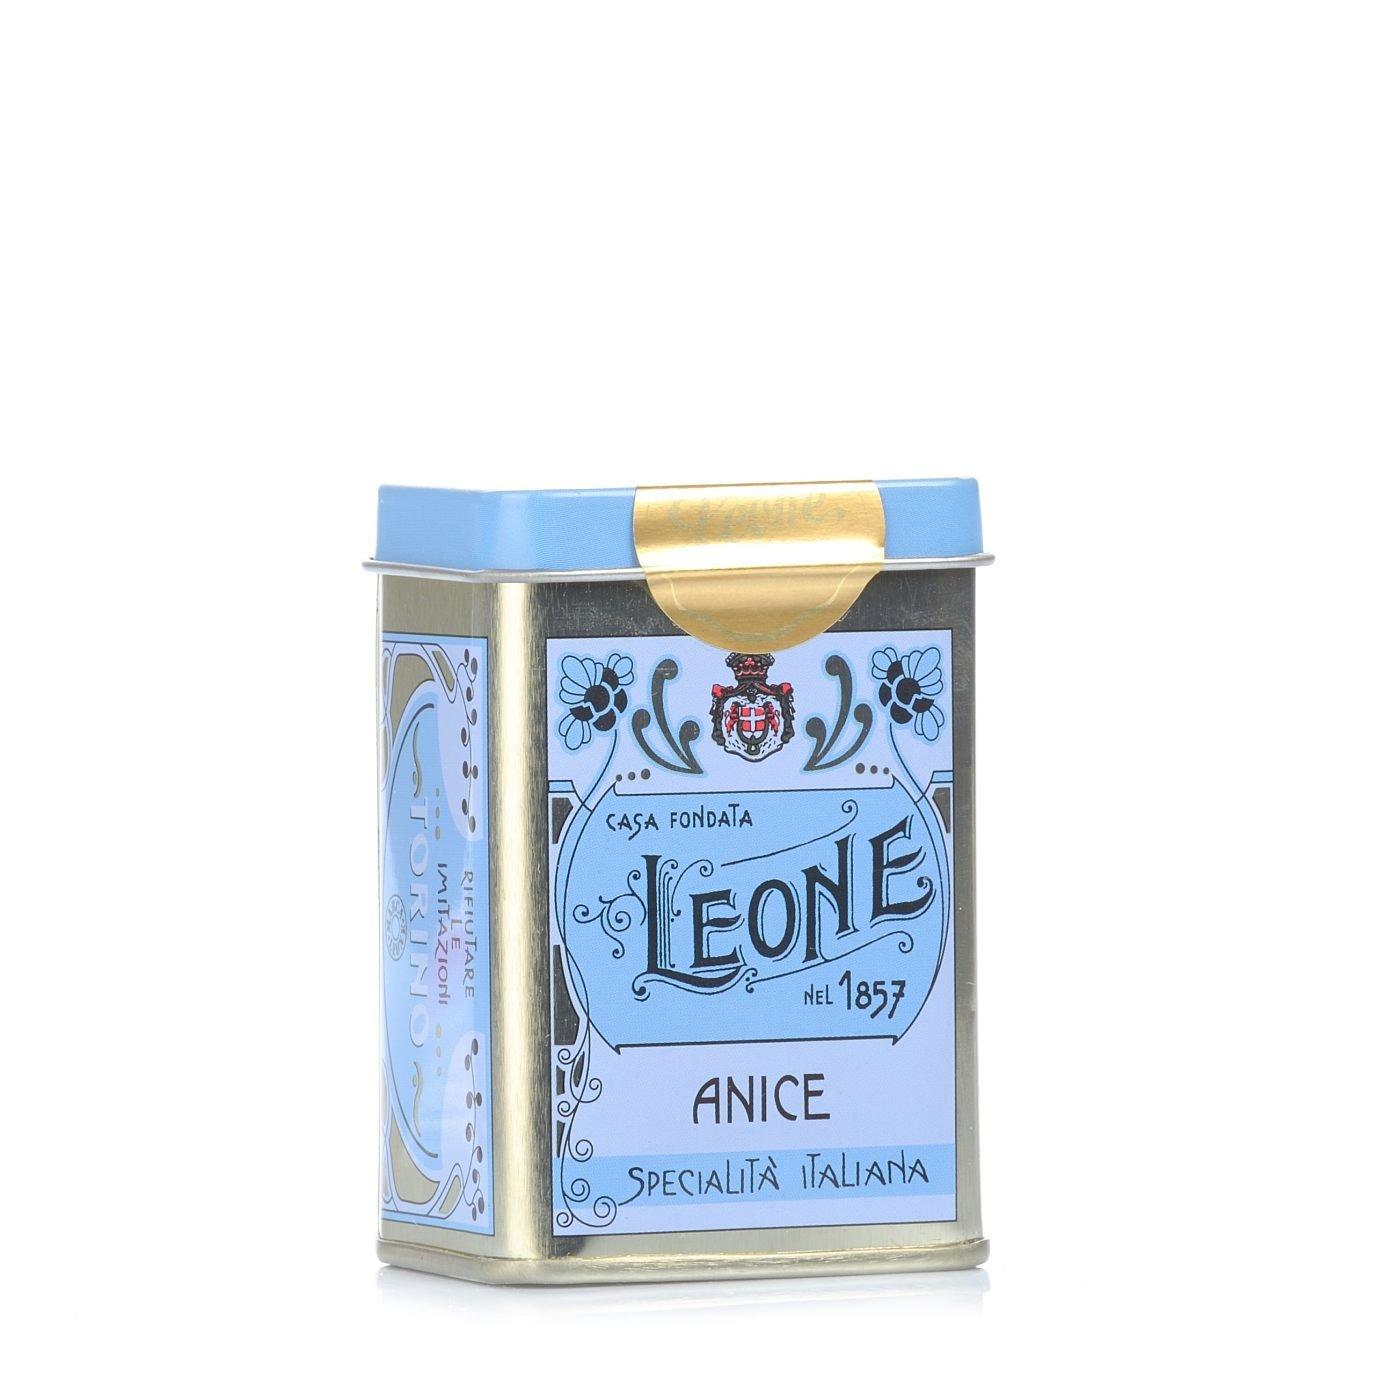 Anise Pastilles -42 g- Leone | Eataly